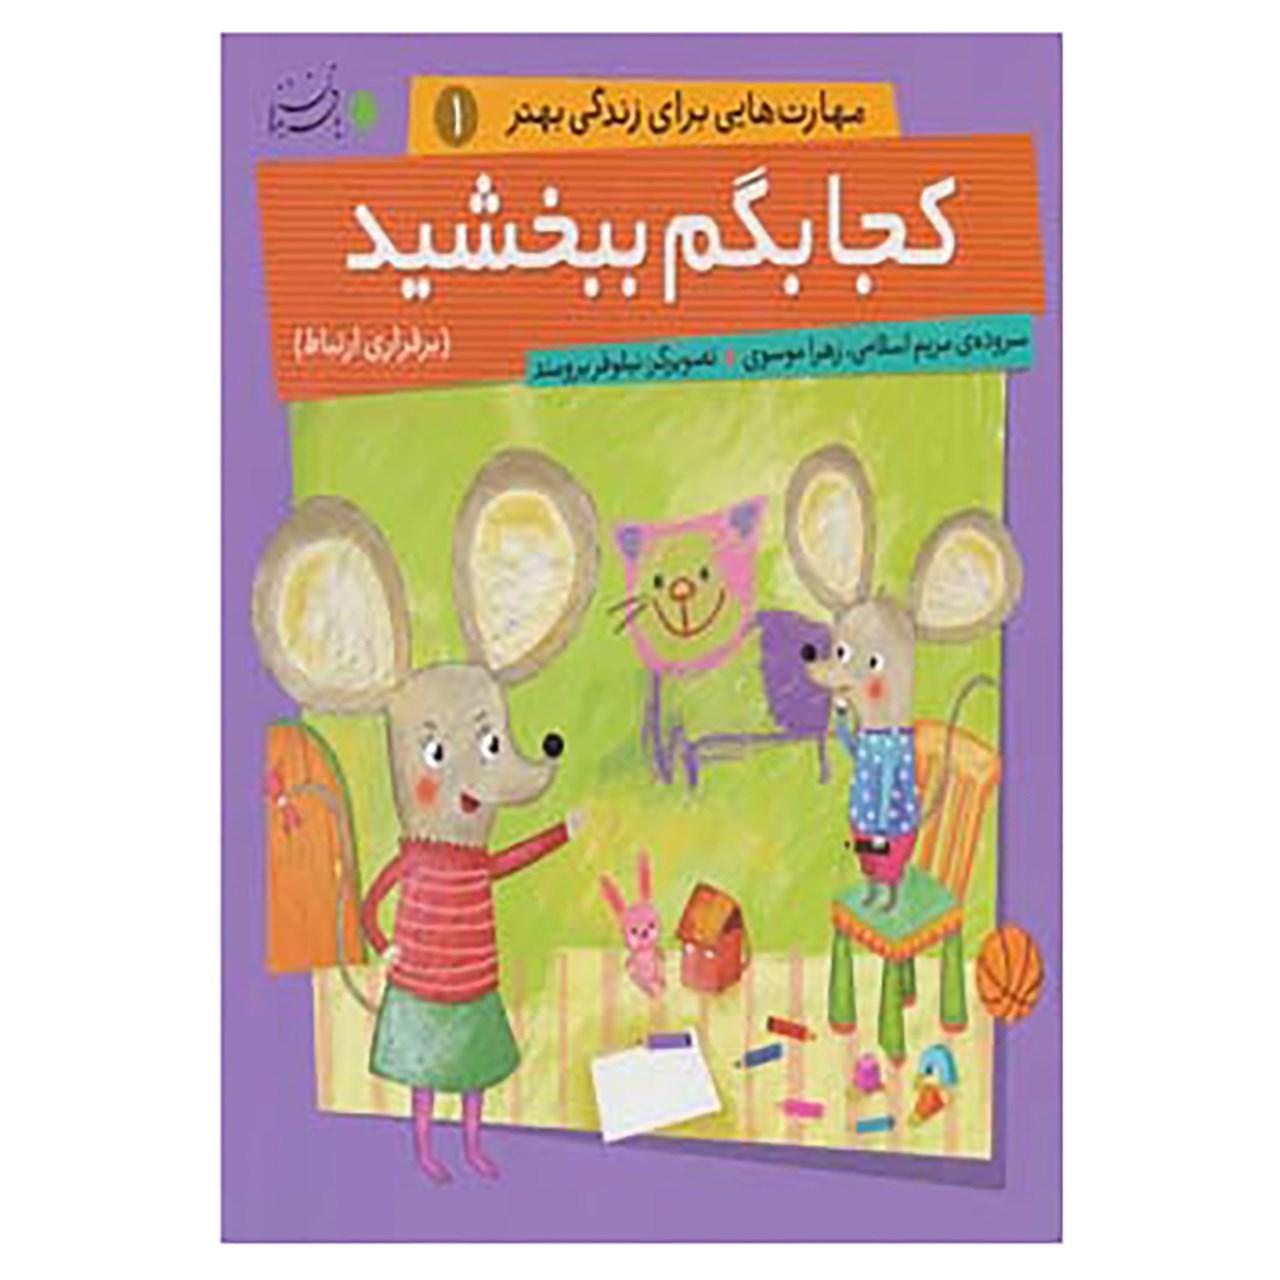 خرید                      کتاب مهارت هایی برای زندگی بهتر 1 اثر مریم اسلامی،زهرا موسوی